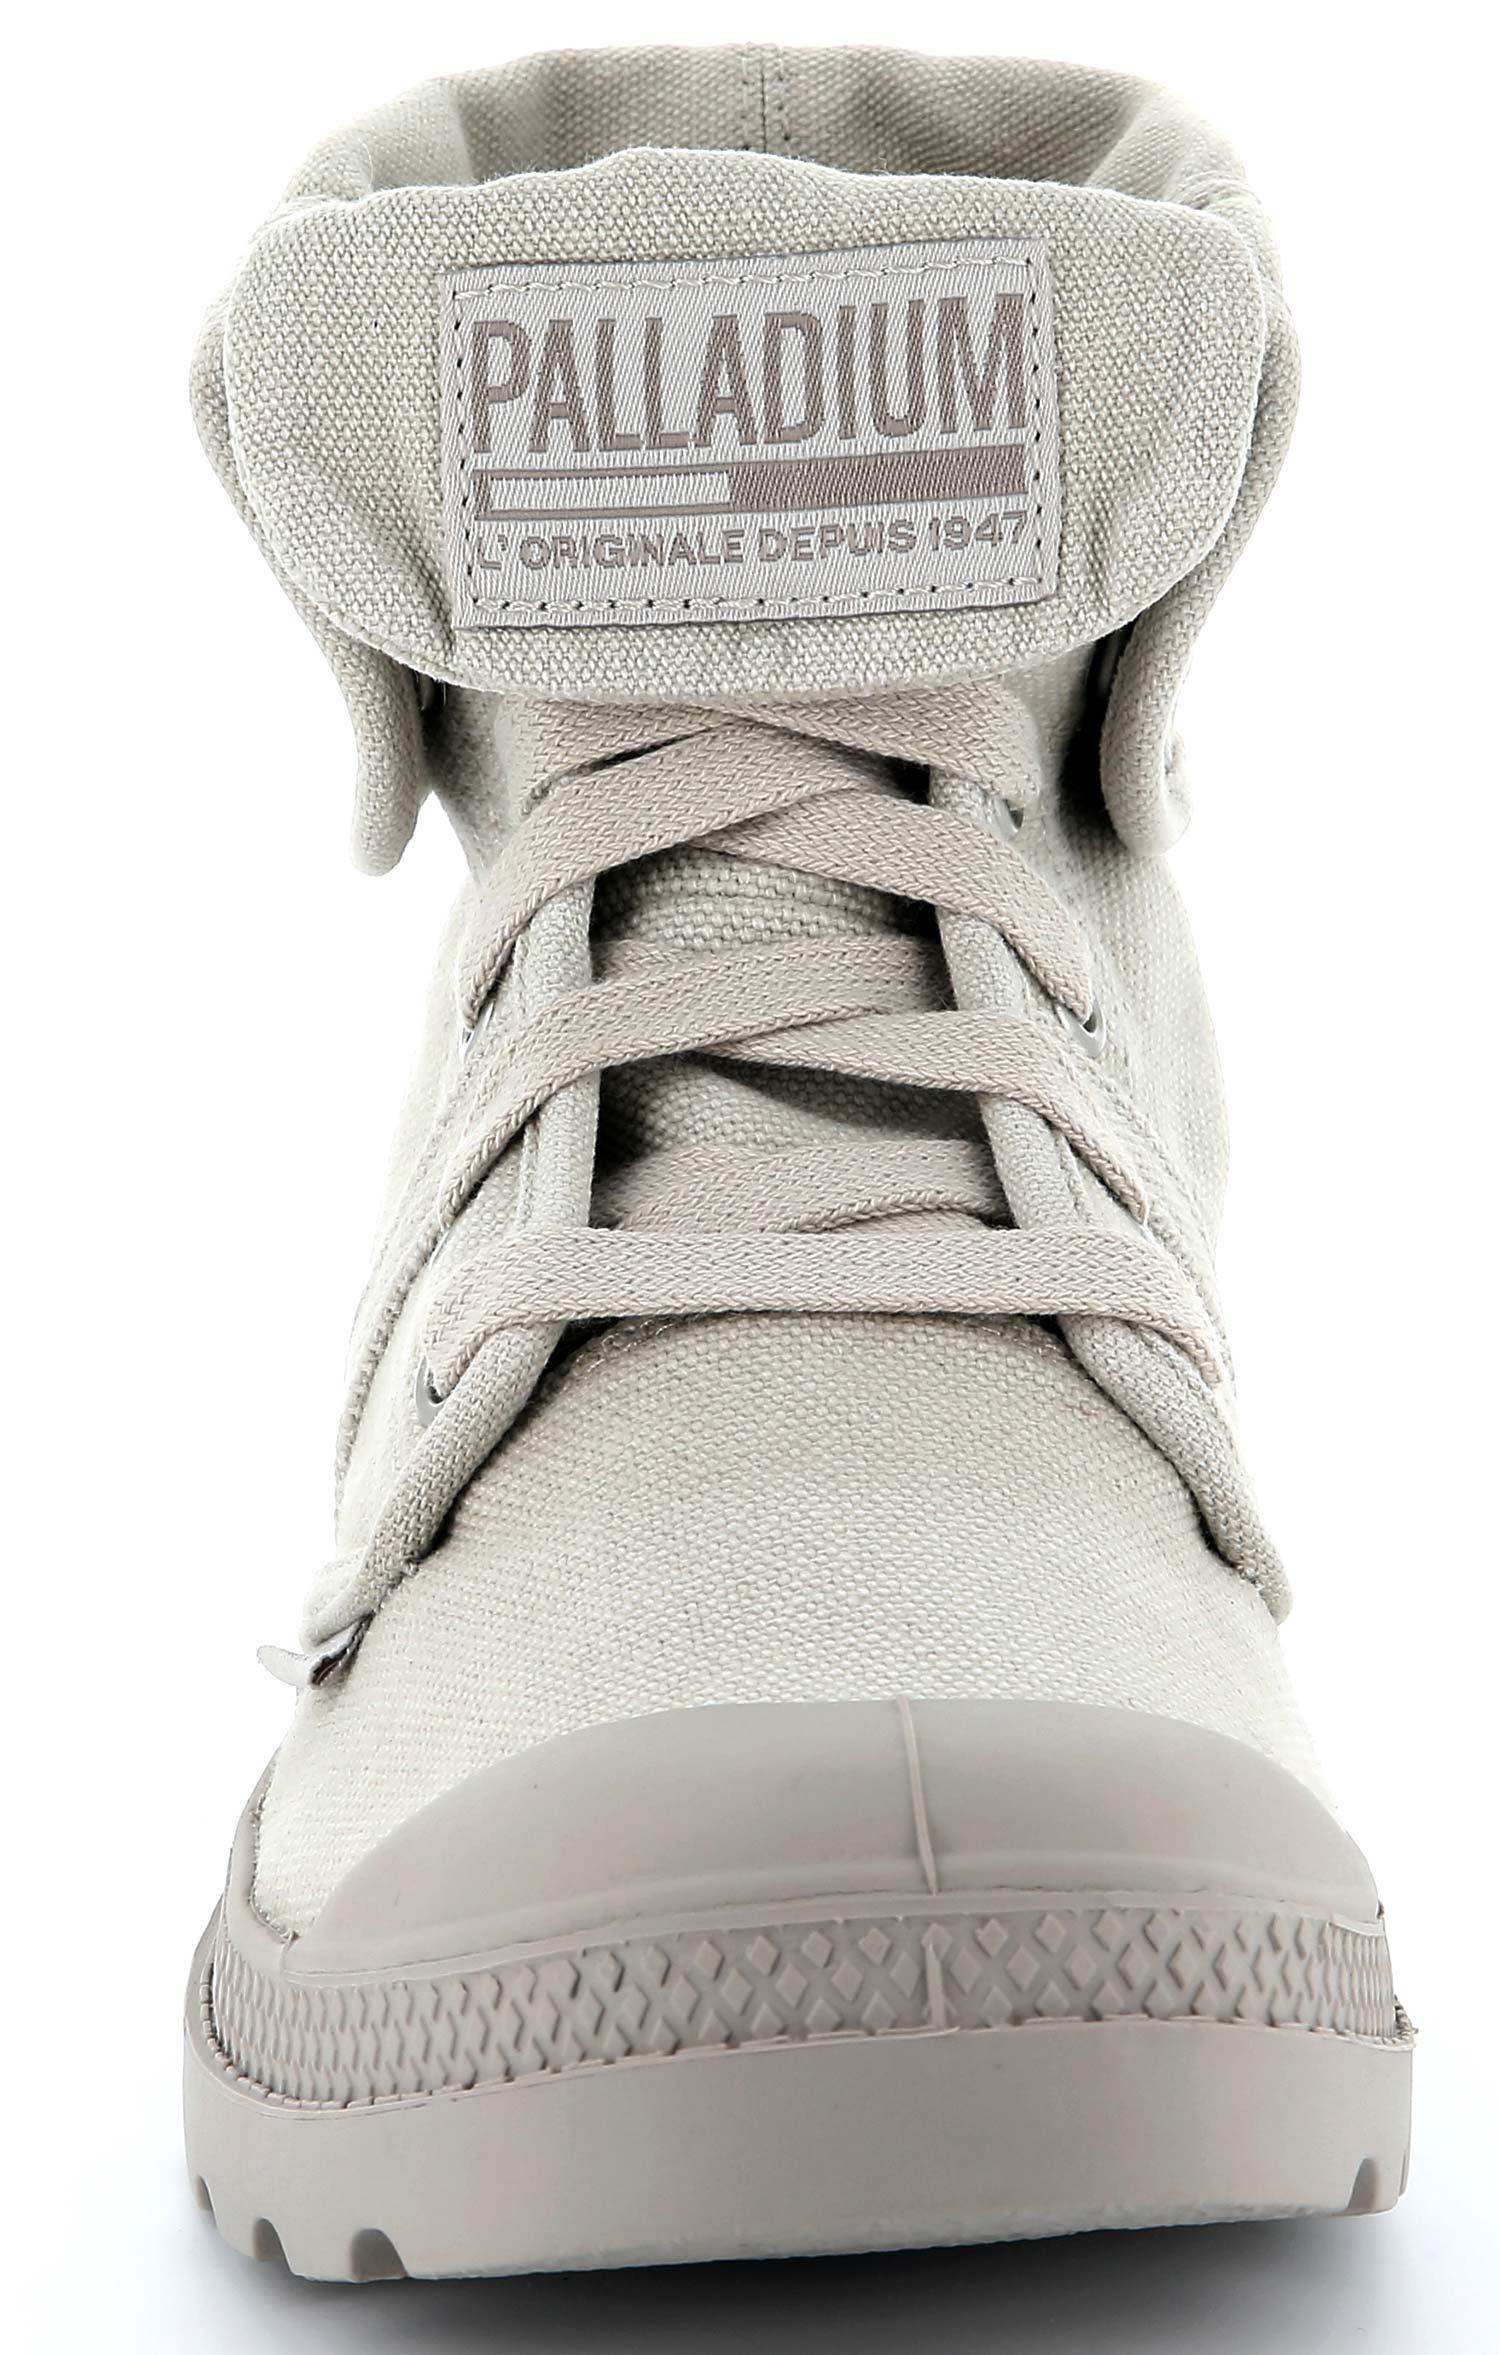 Palladium-EEUU-Baggy-Botas-mujer-Zapatos-Informales-Botas-92478-062-m-gris-NUEVO